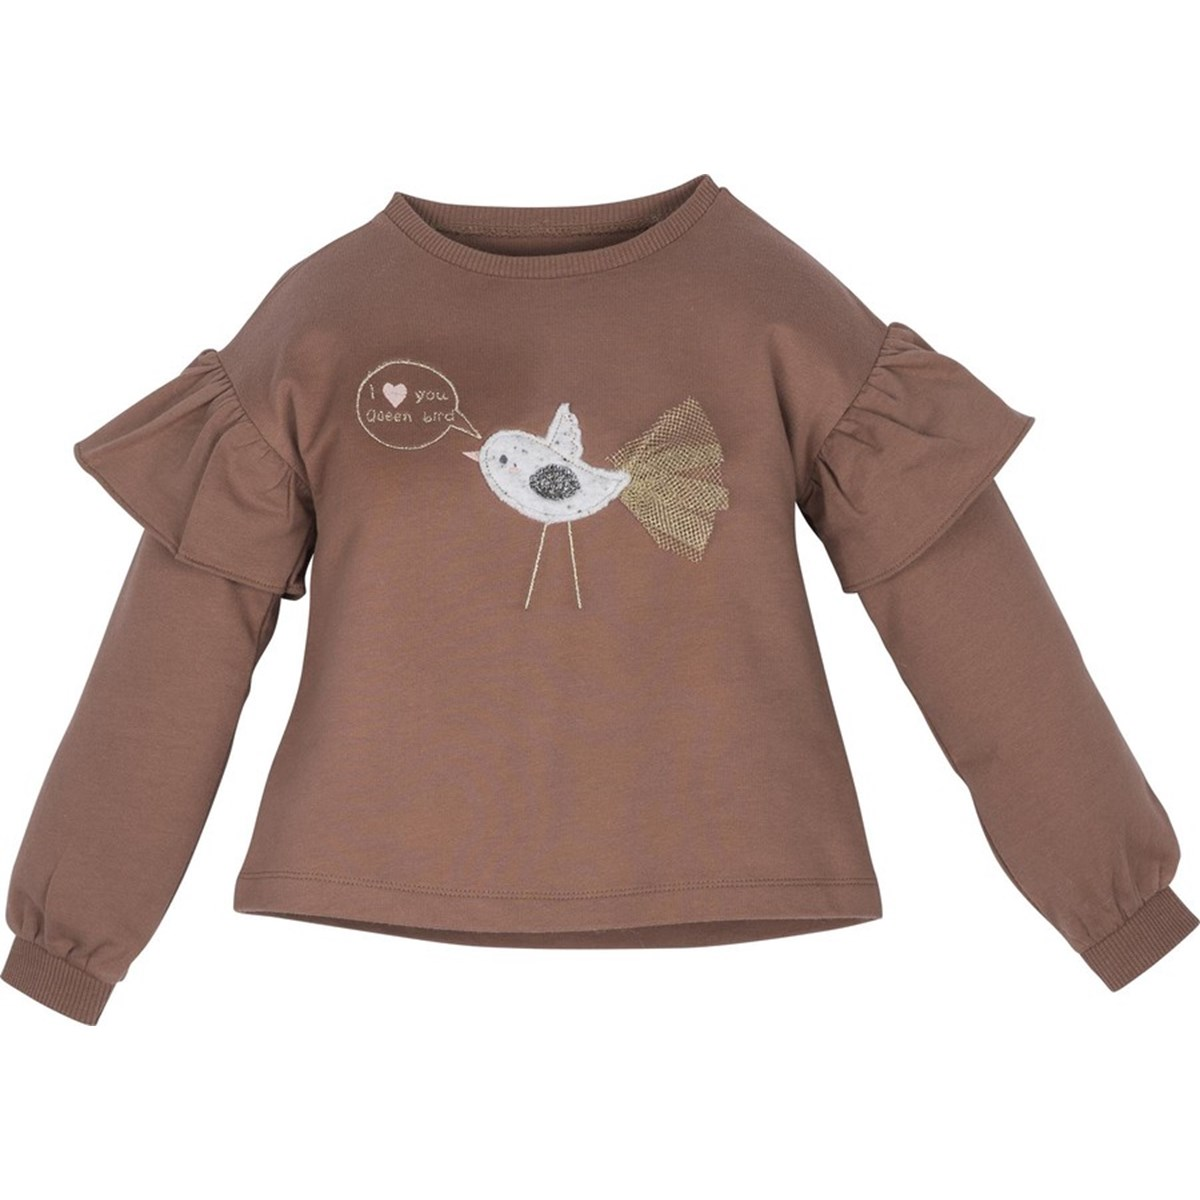 12407 Sweatshirt 1